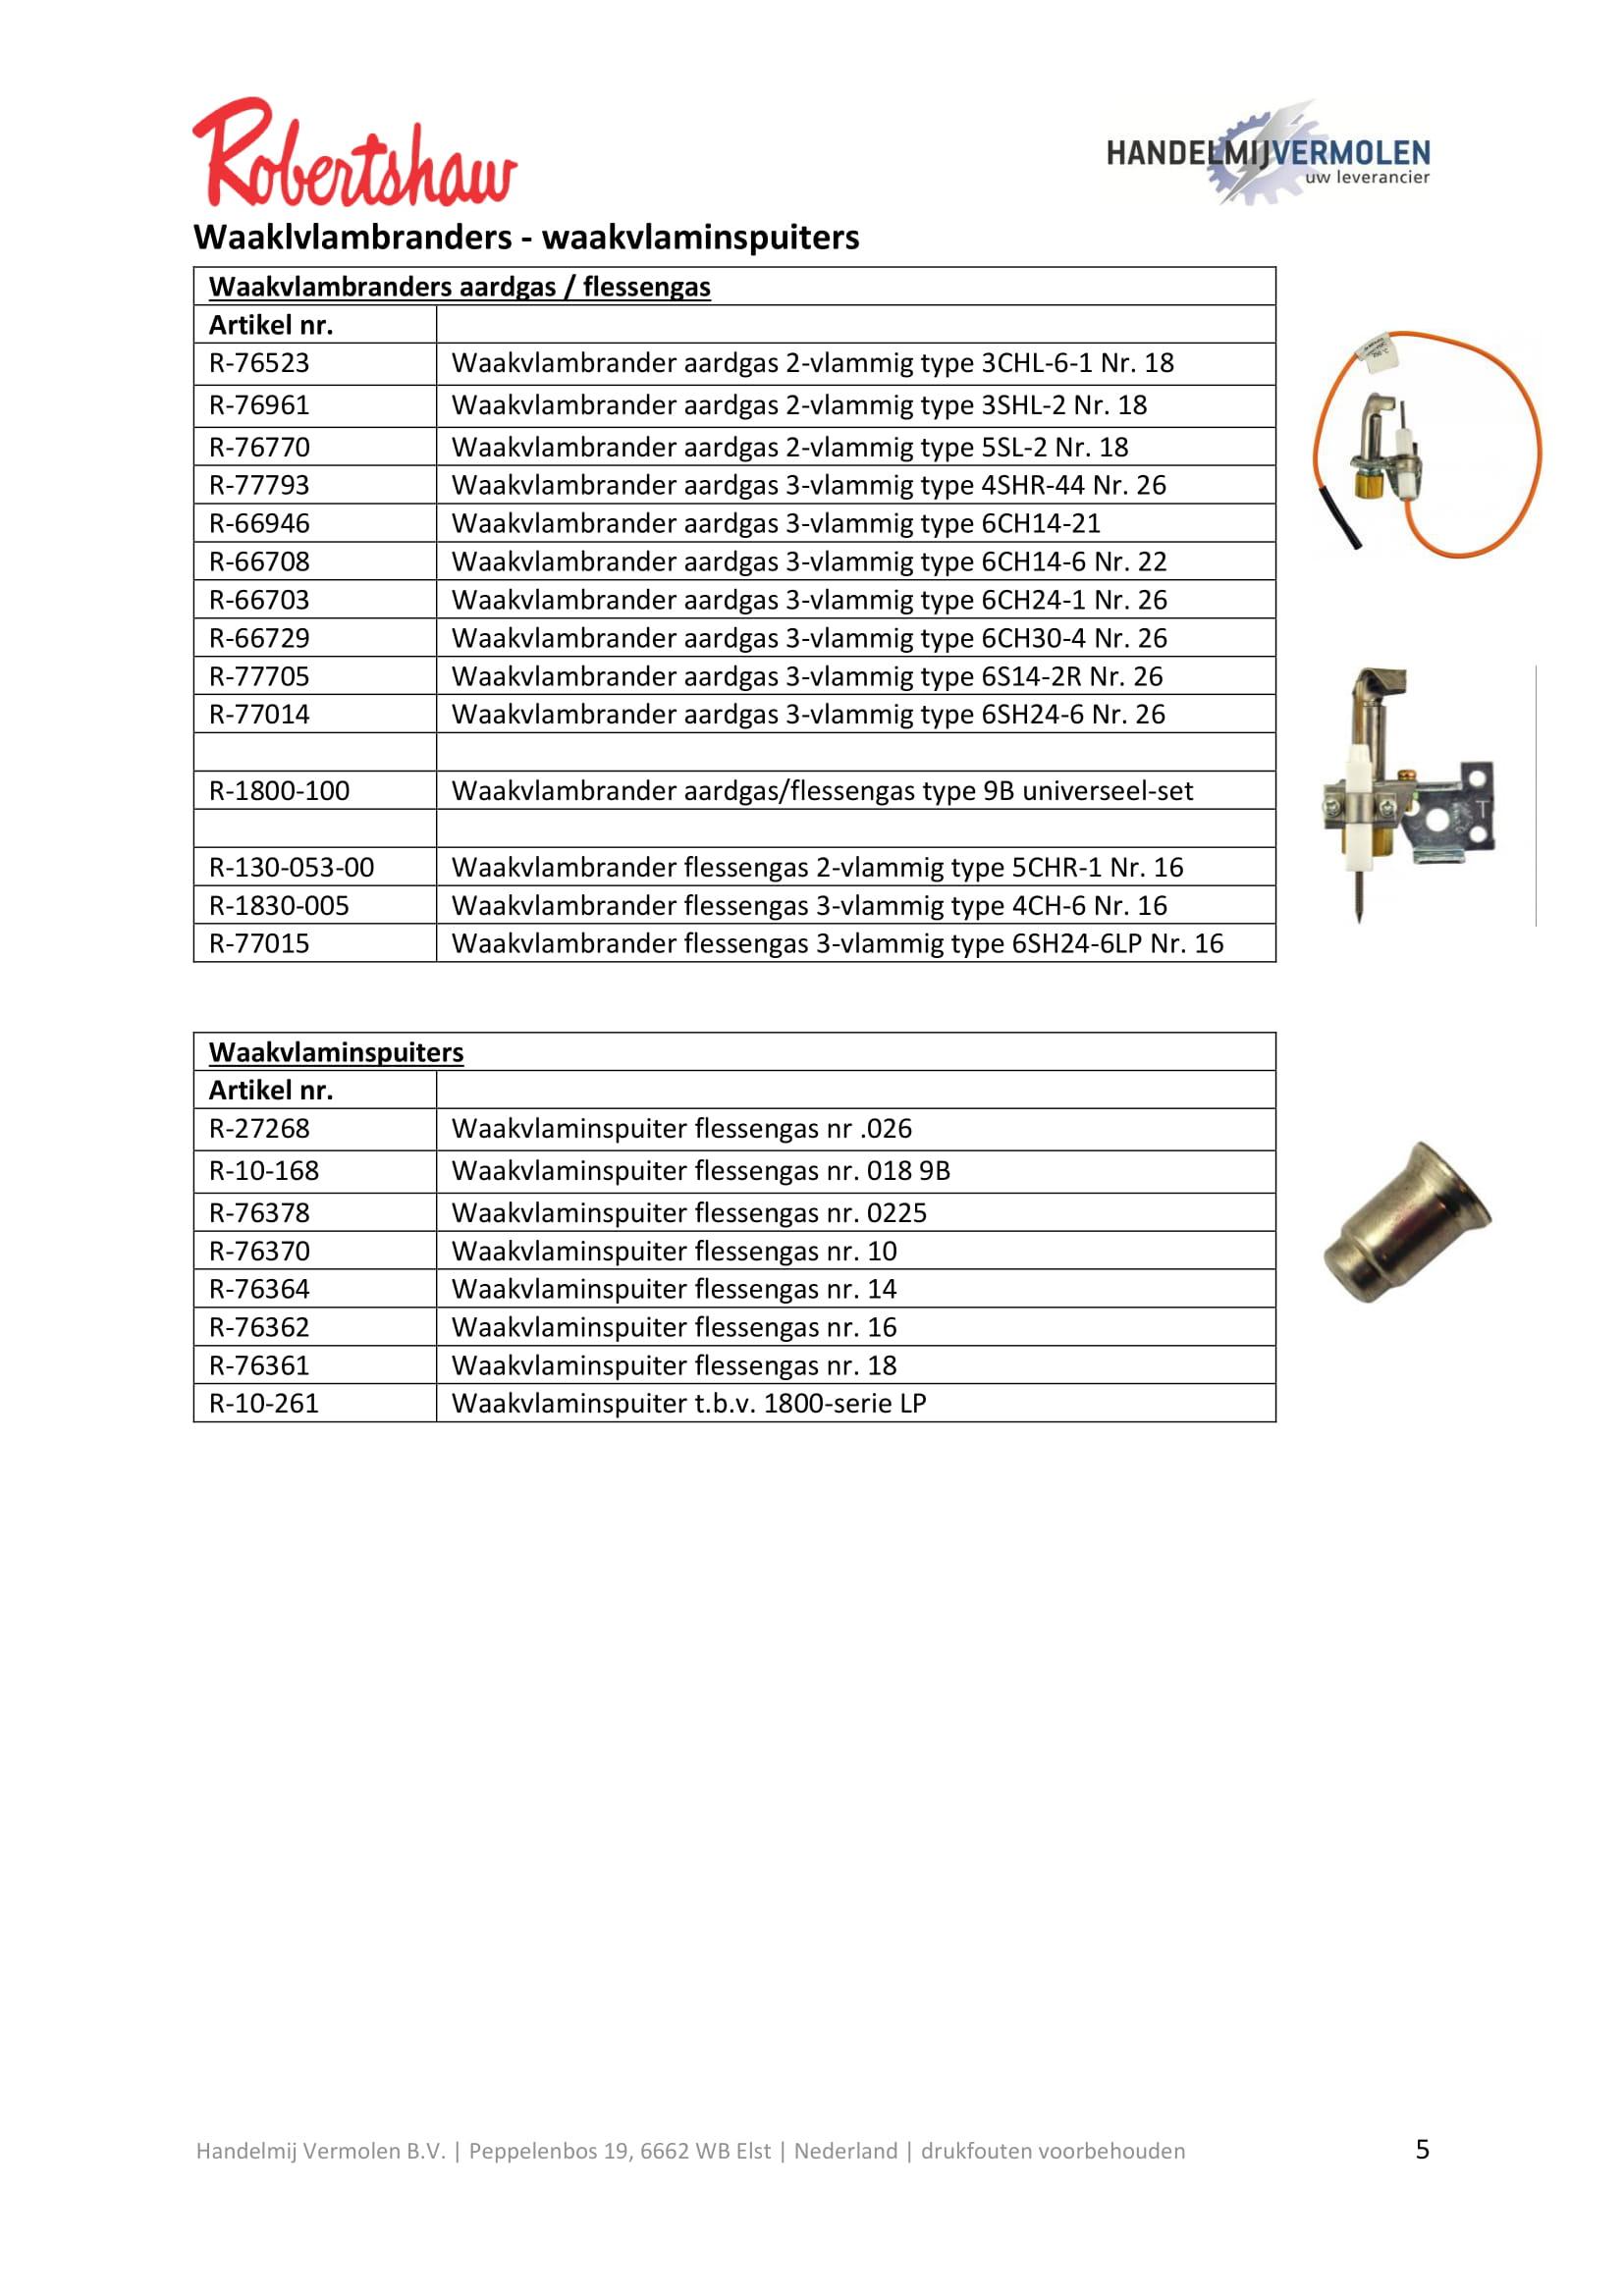 Robertshaw_productlijst_2021-6